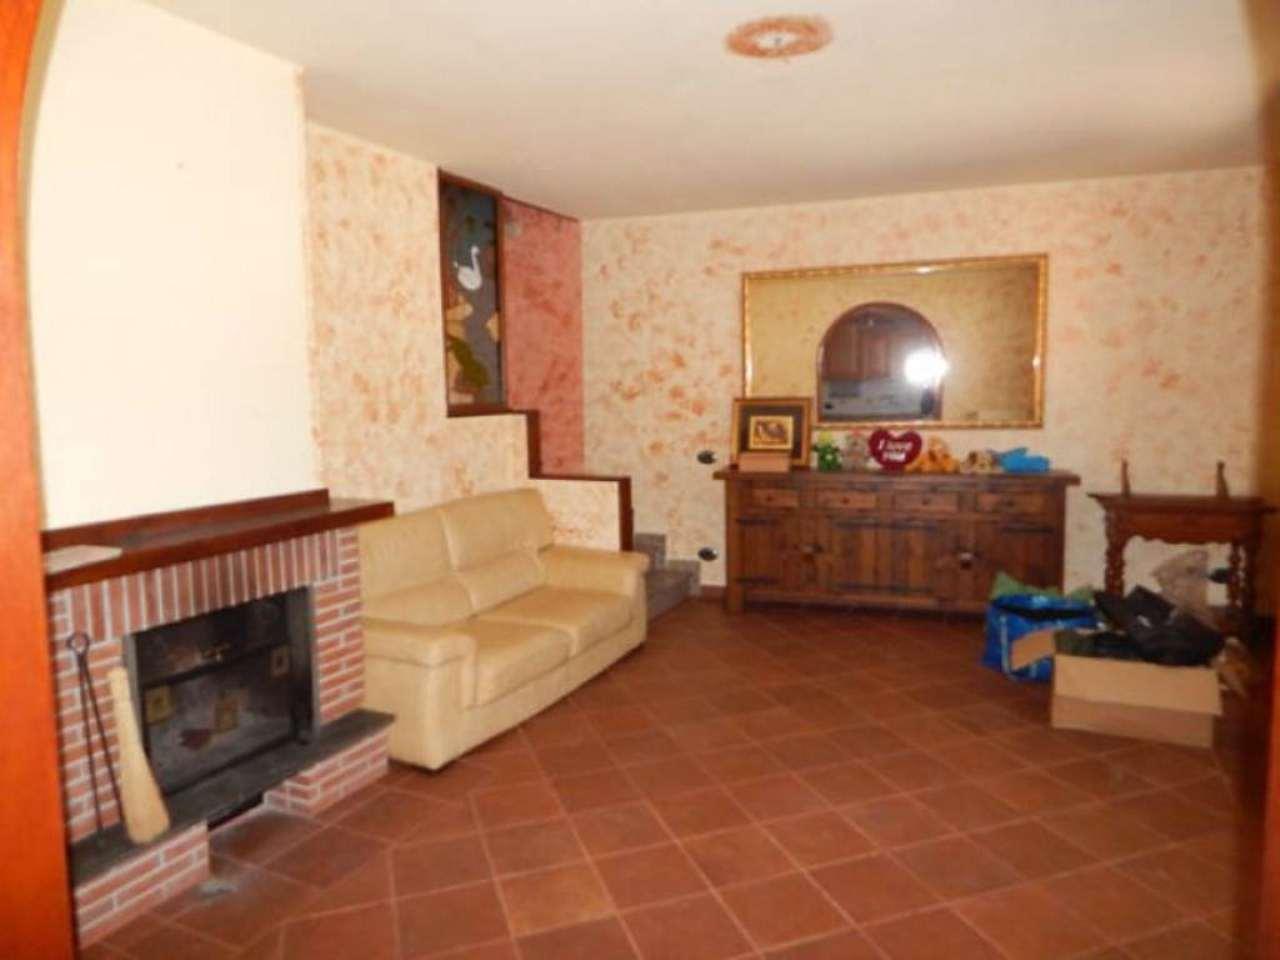 Palazzo / Stabile in vendita a Pisa, 3 locali, prezzo € 175.000   Cambio Casa.it